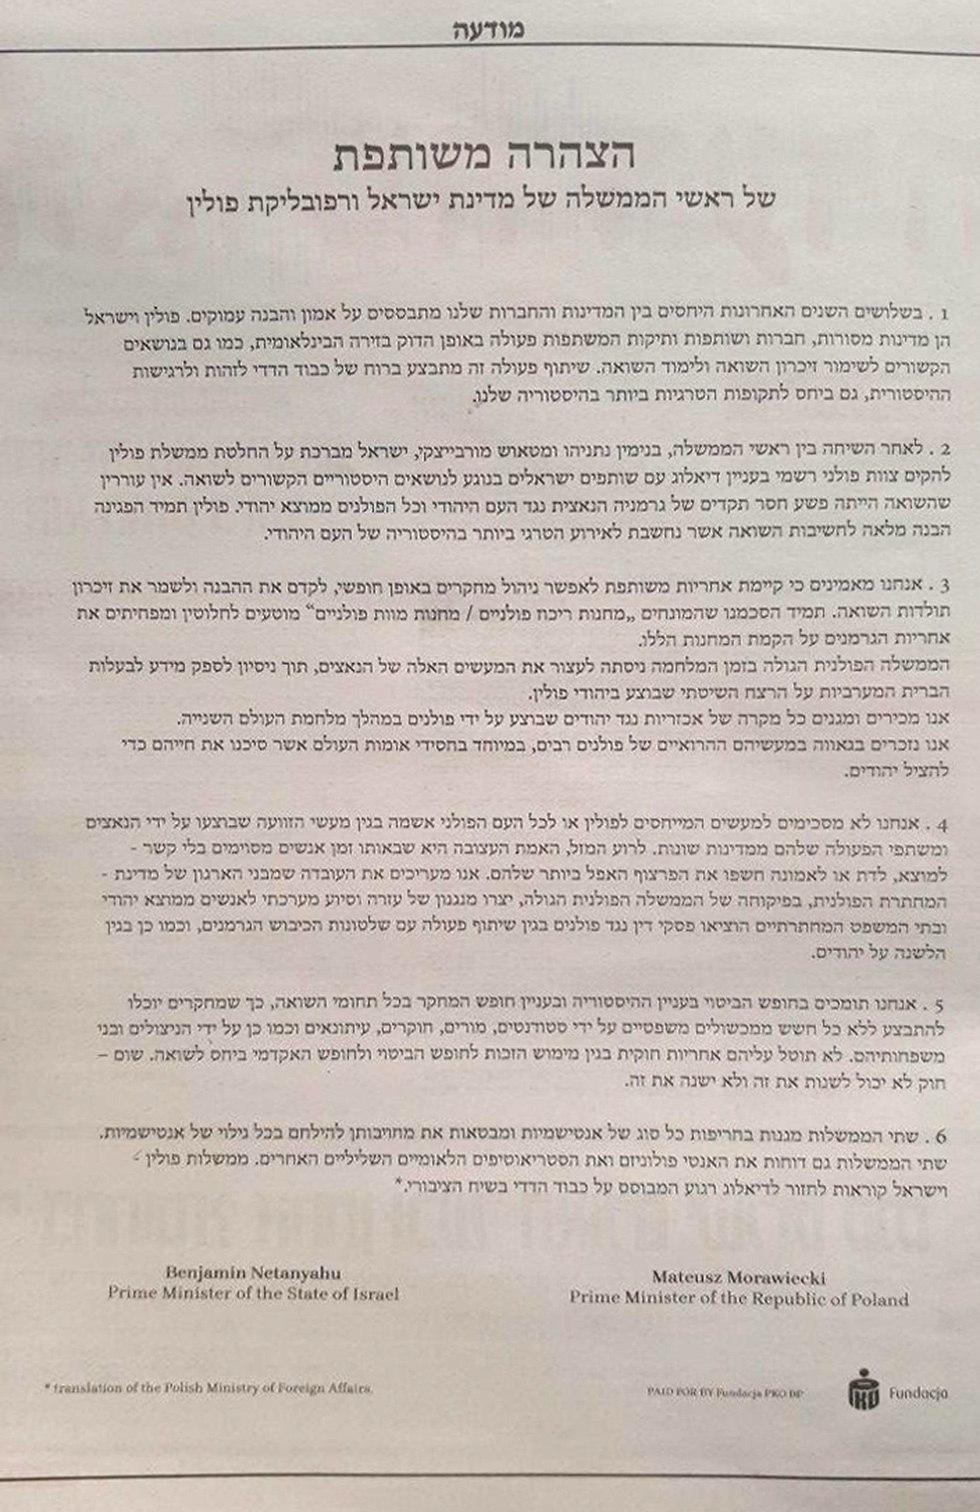 מודעה הצהרה משותפת של ראשי ממשלות ישראל ופולין ()